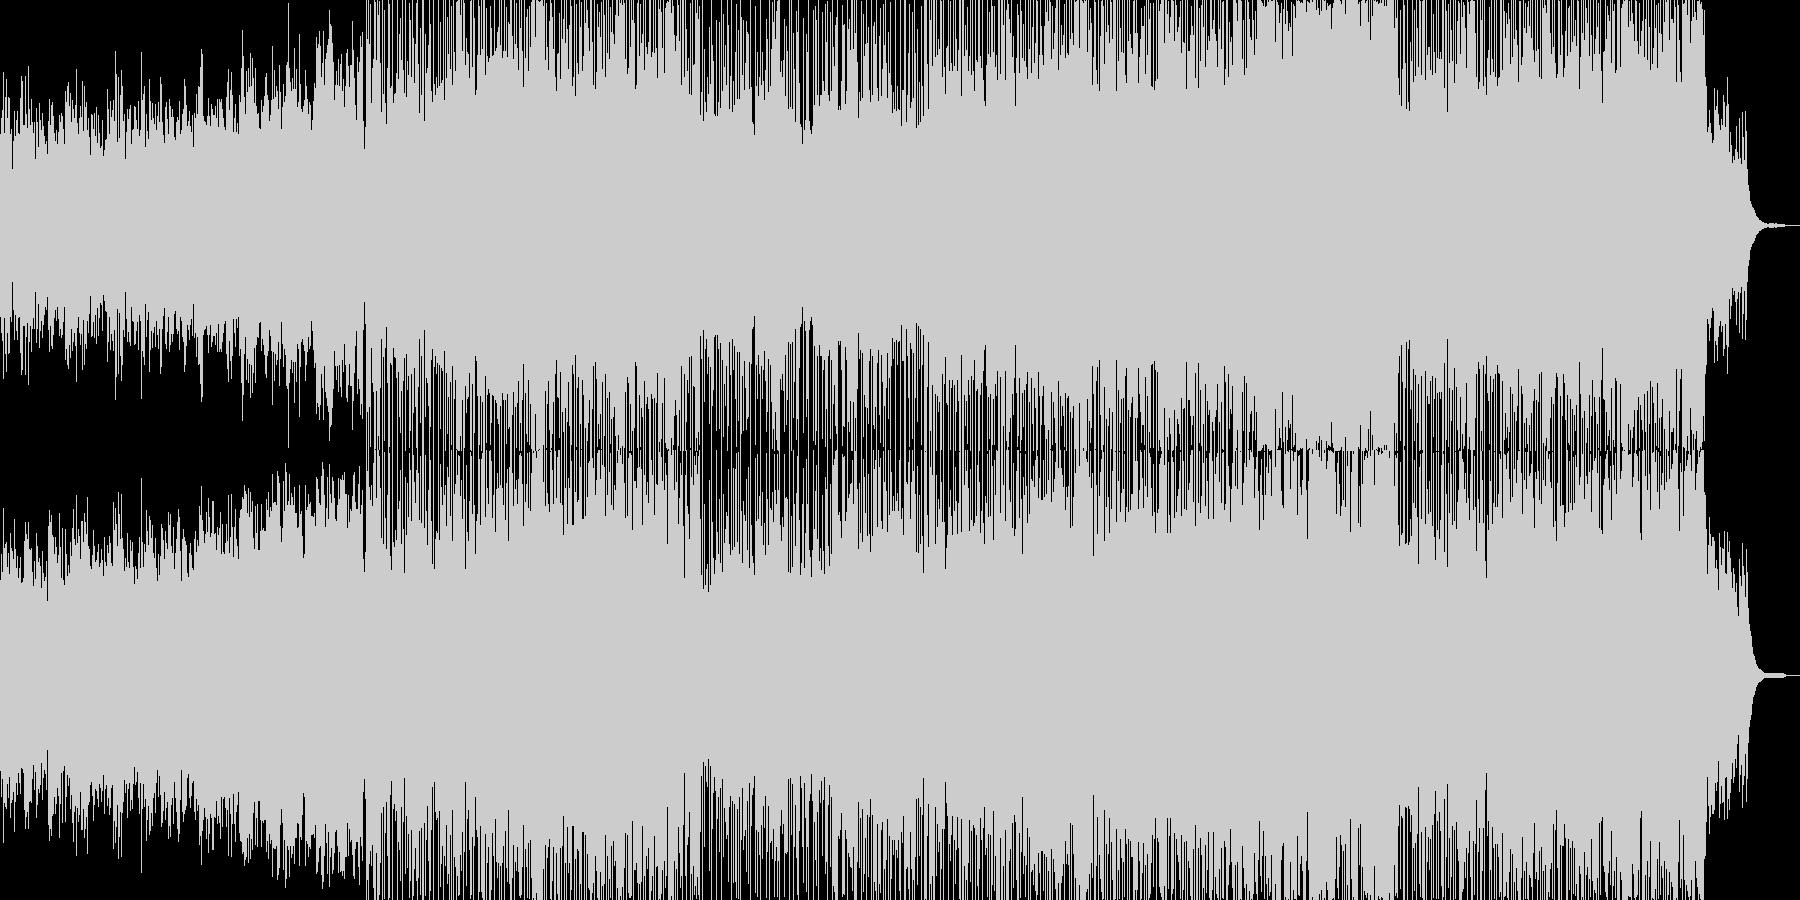 ピアノコードとアルペジオ。クラシッ...の未再生の波形